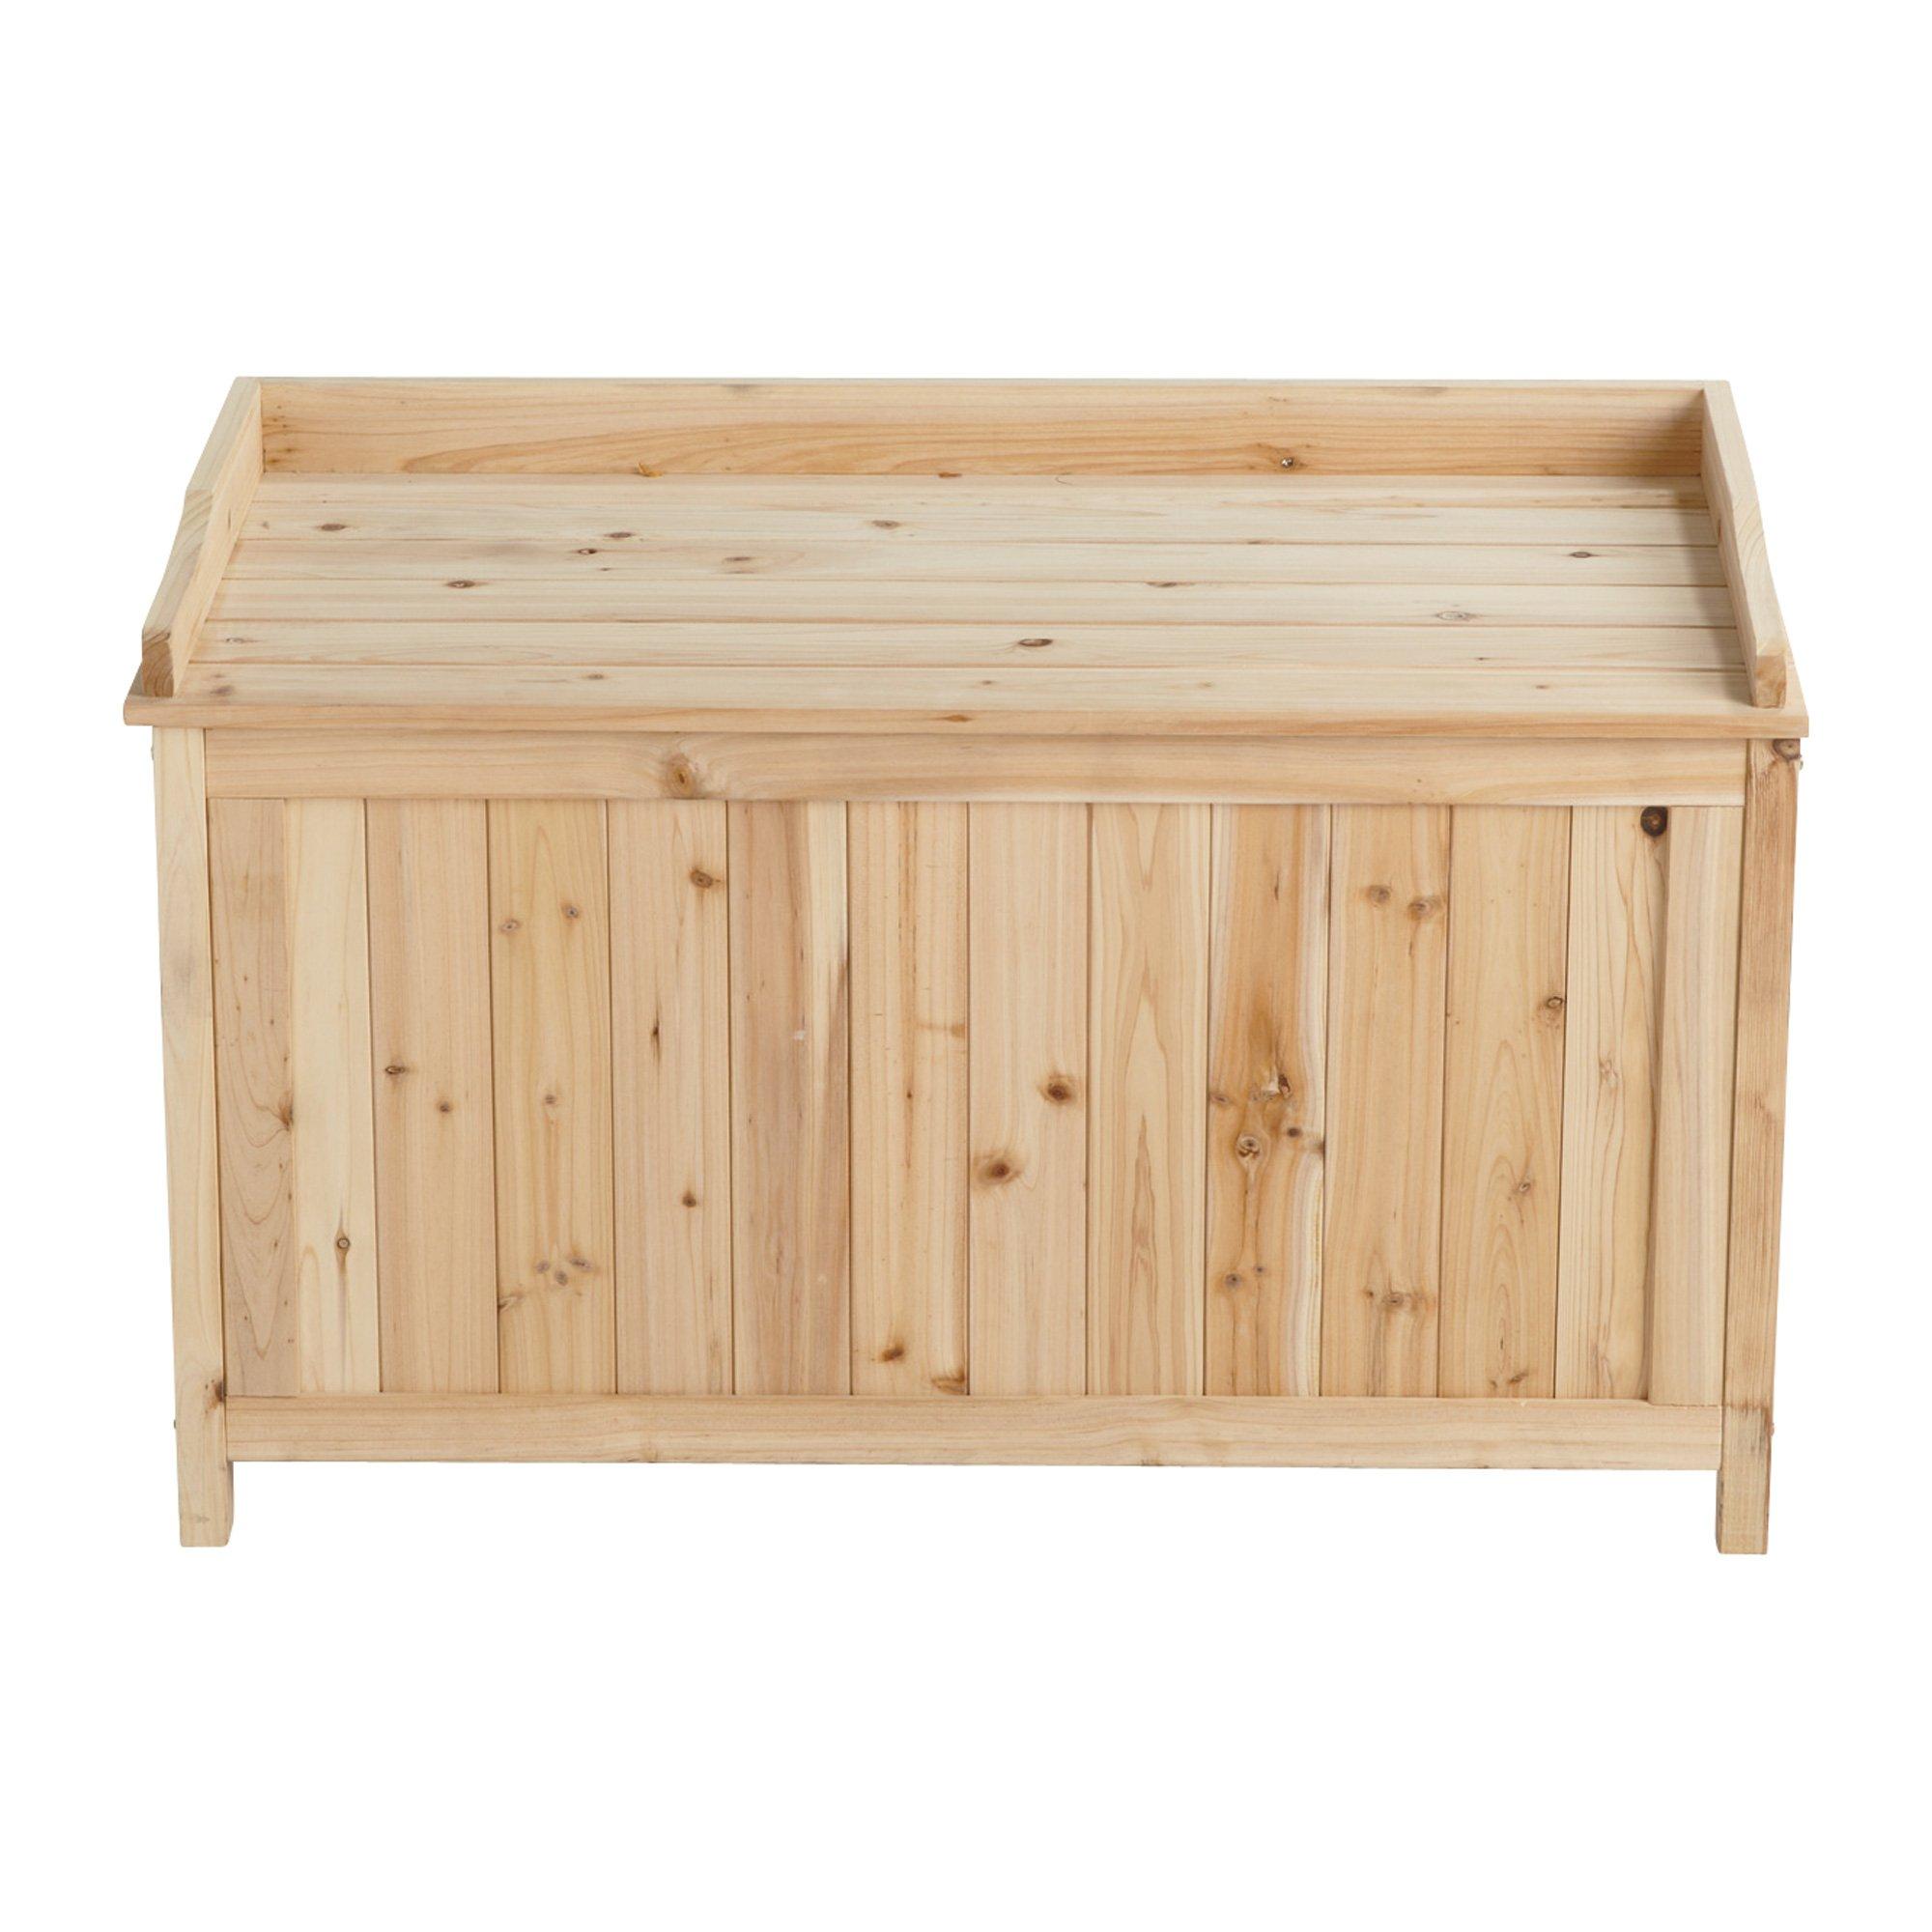 5.7 Cu. Ft. Cedar/Fir Outdoor Storage Deck Box